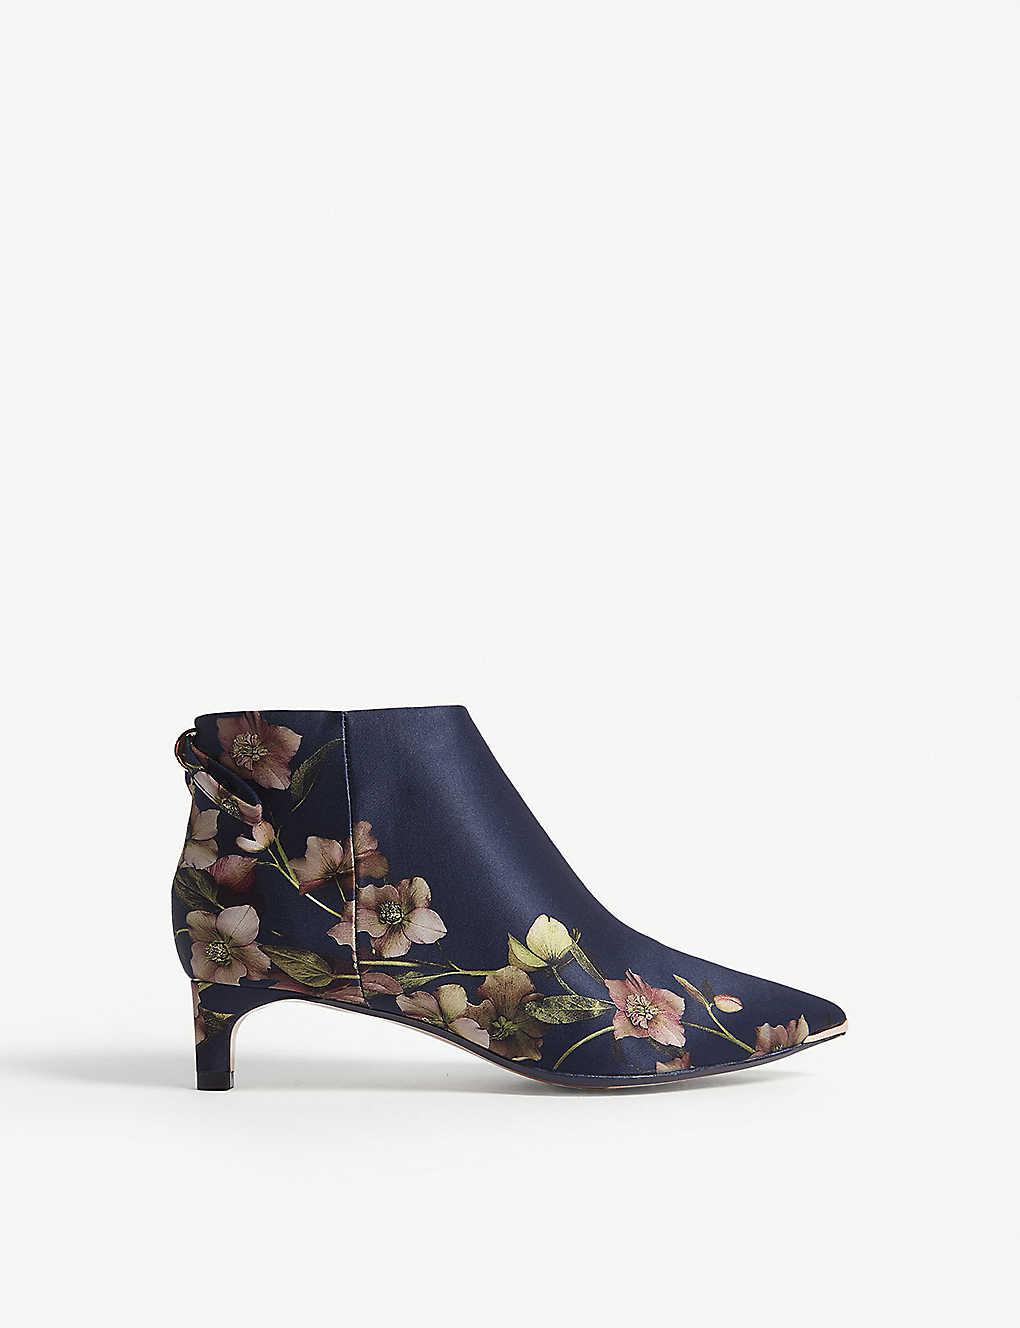 8ca6c2c77163 Amaedip kitten heel satin ankle boots - Dark blue ...